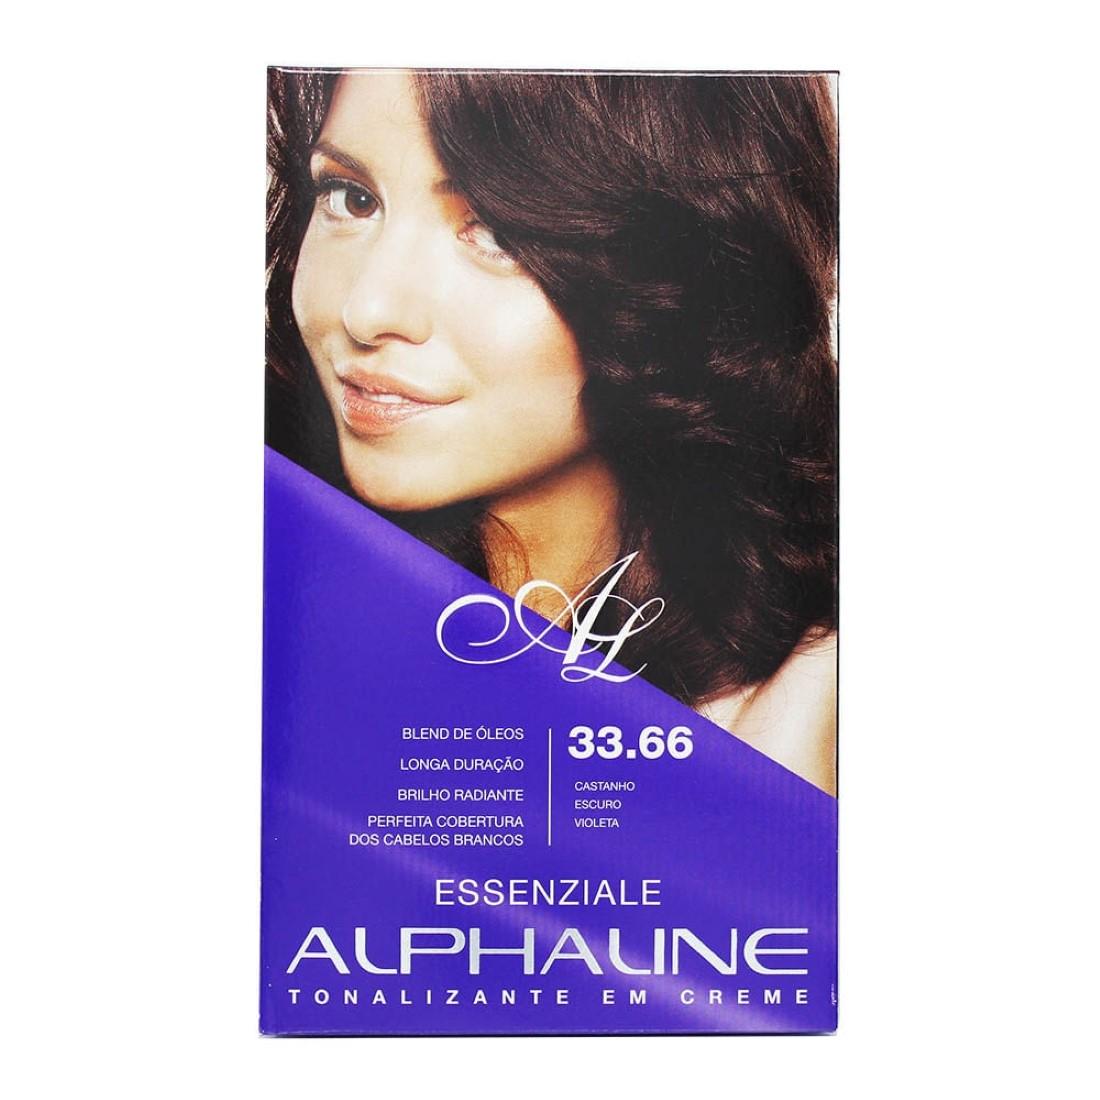 Tonalizante em Creme Essenziale Castanho Escuro Violeta 33.66 - Alphaline